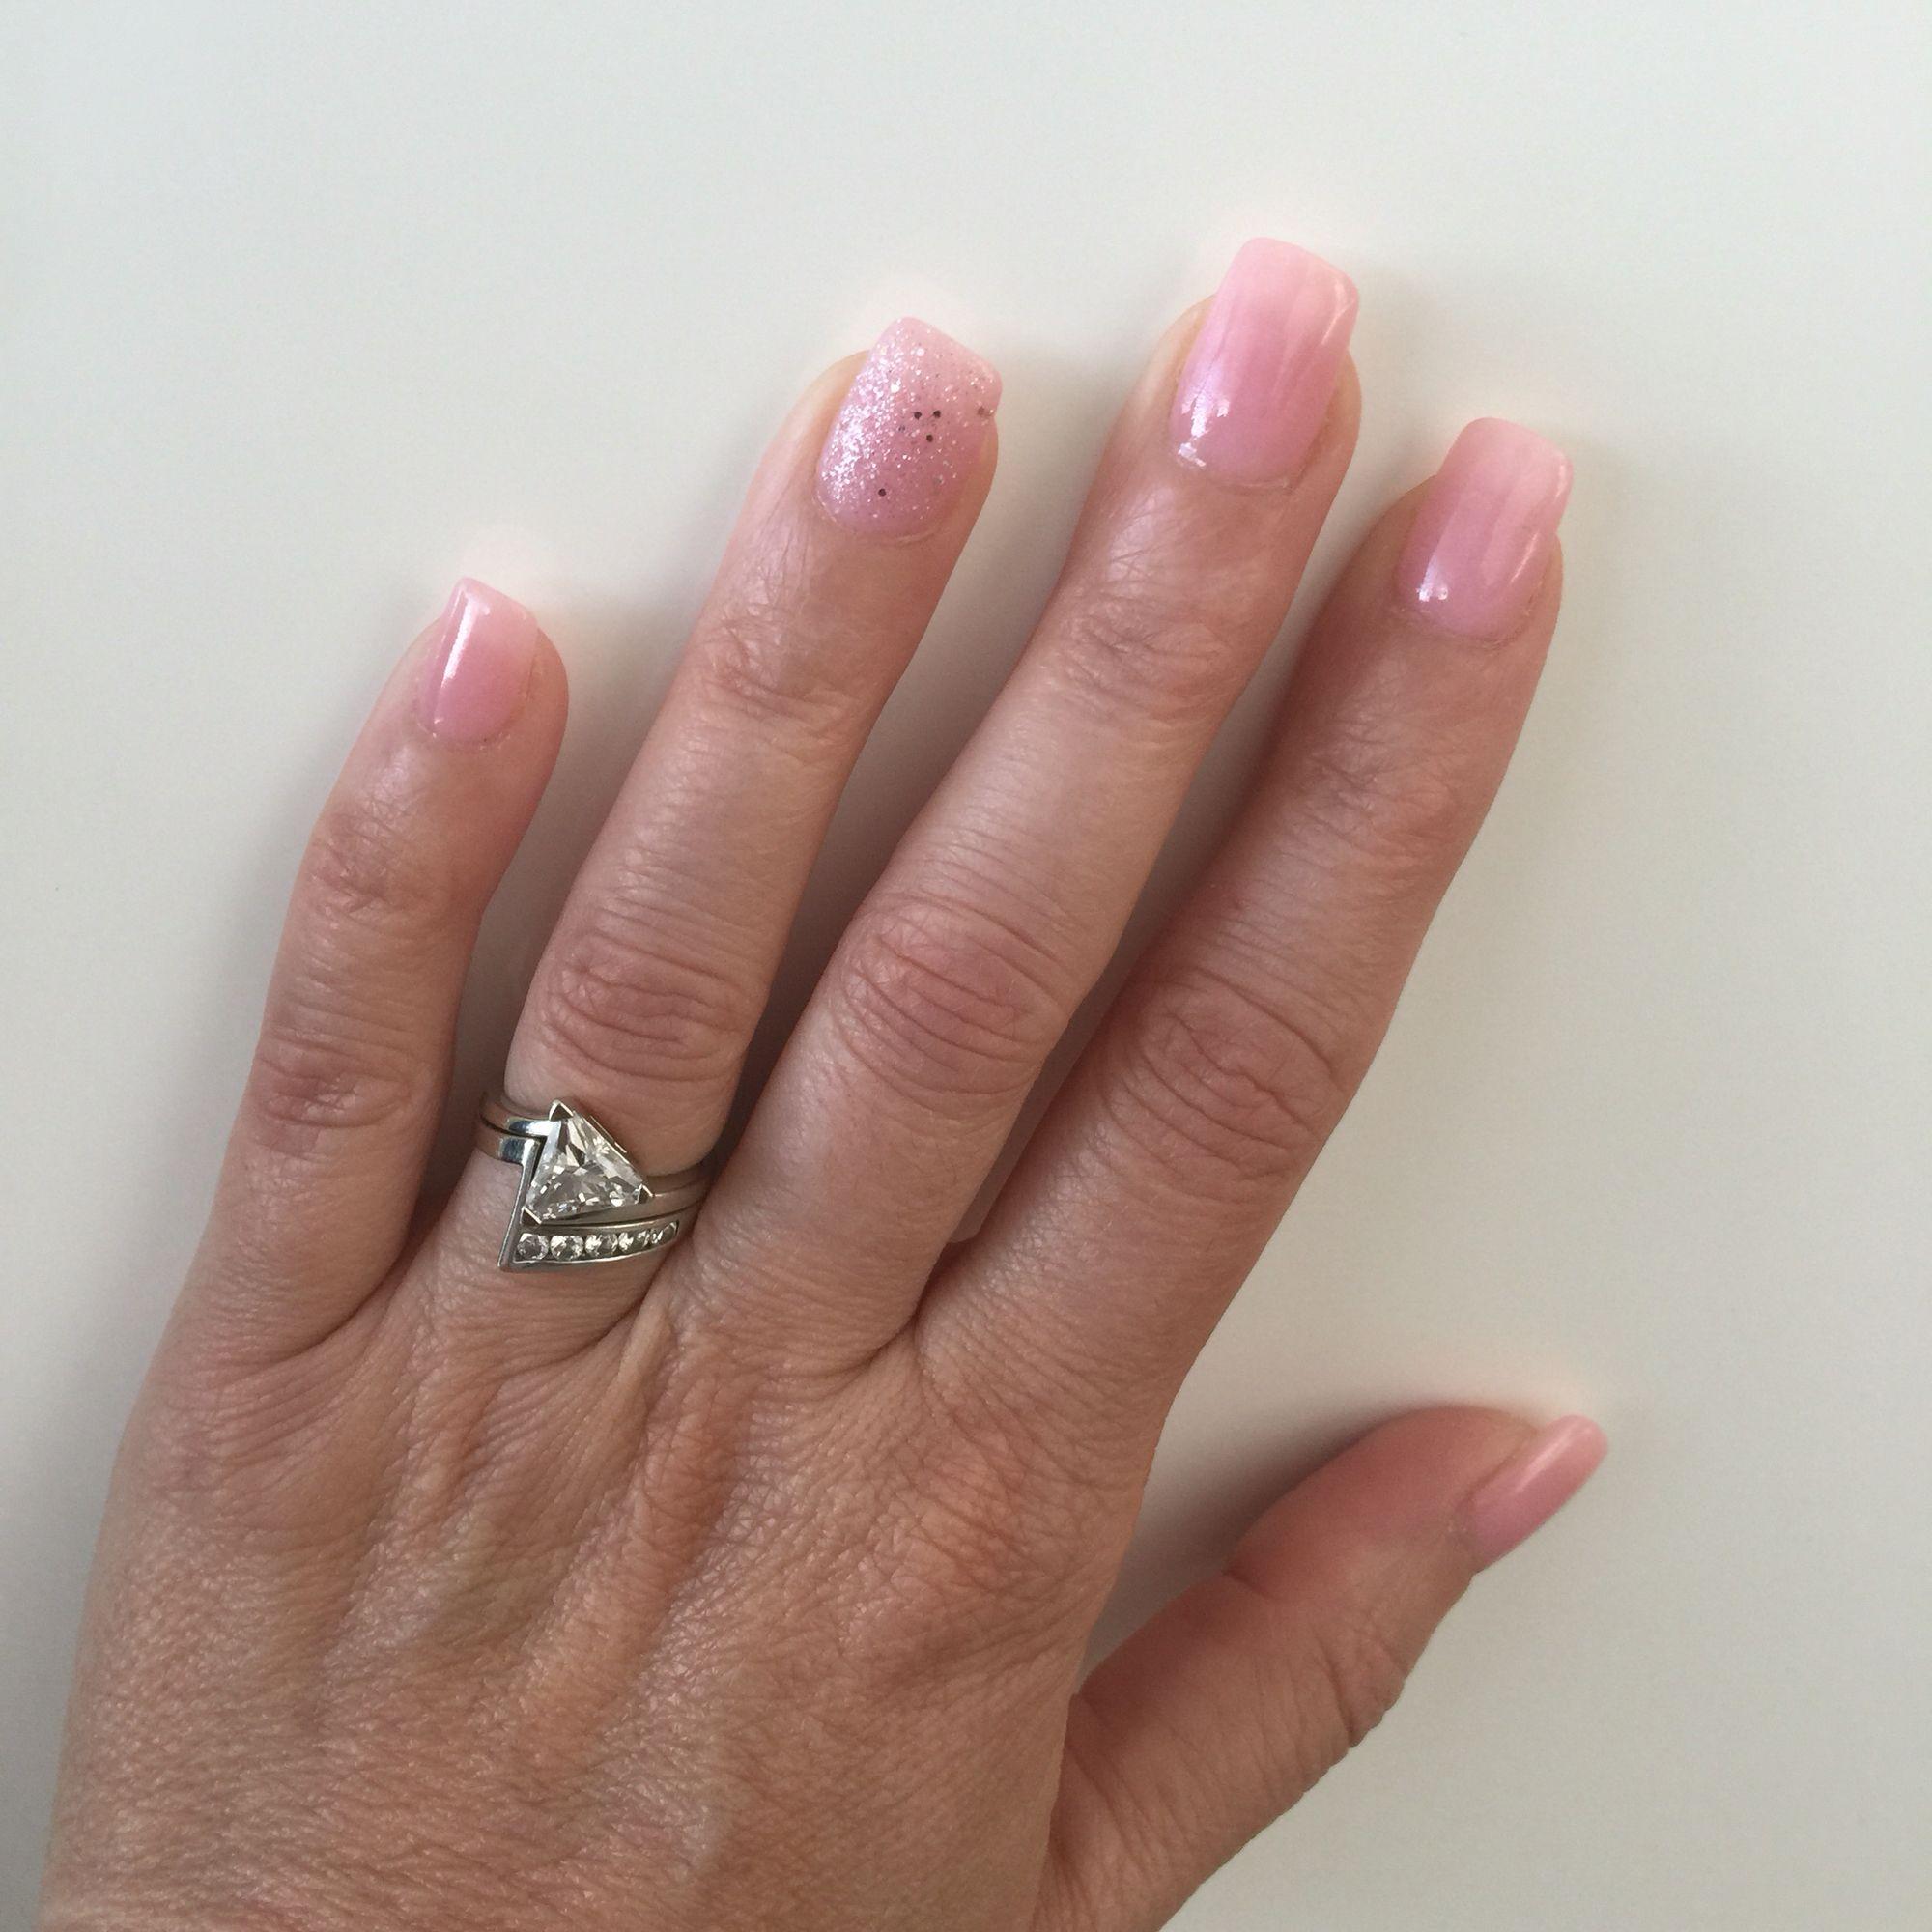 Light natural pink SNS | Nails | Pinterest | Natural, Sns powder and ...